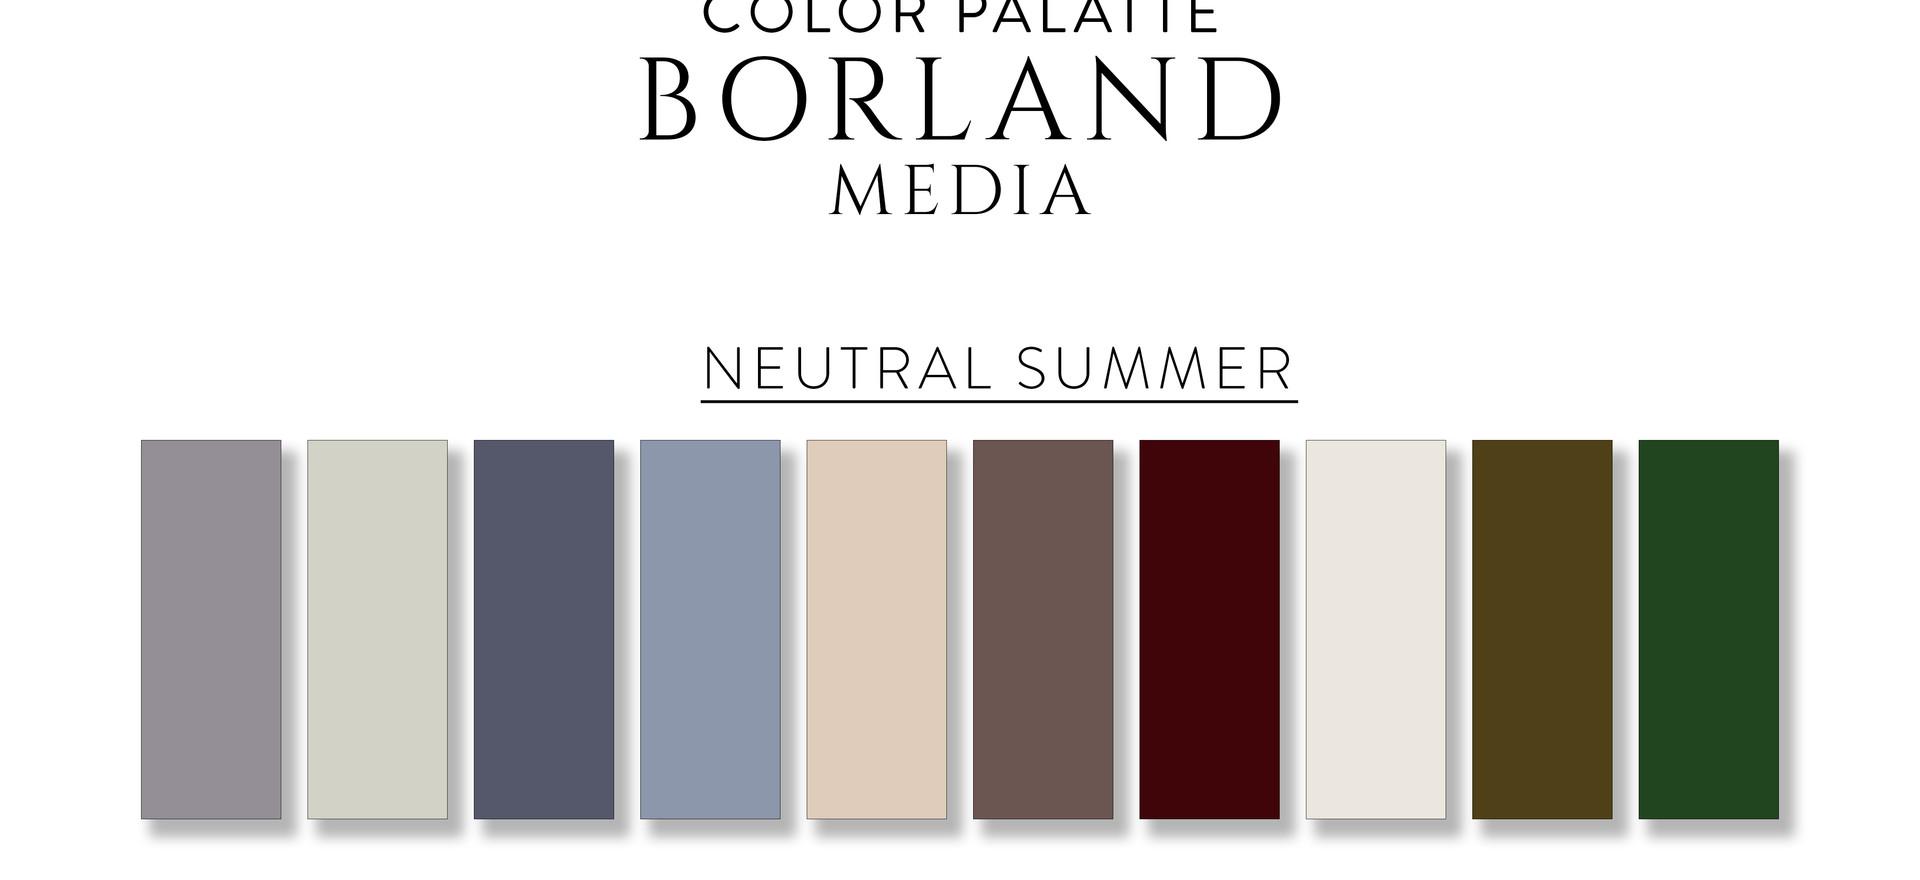 Neutral Summer